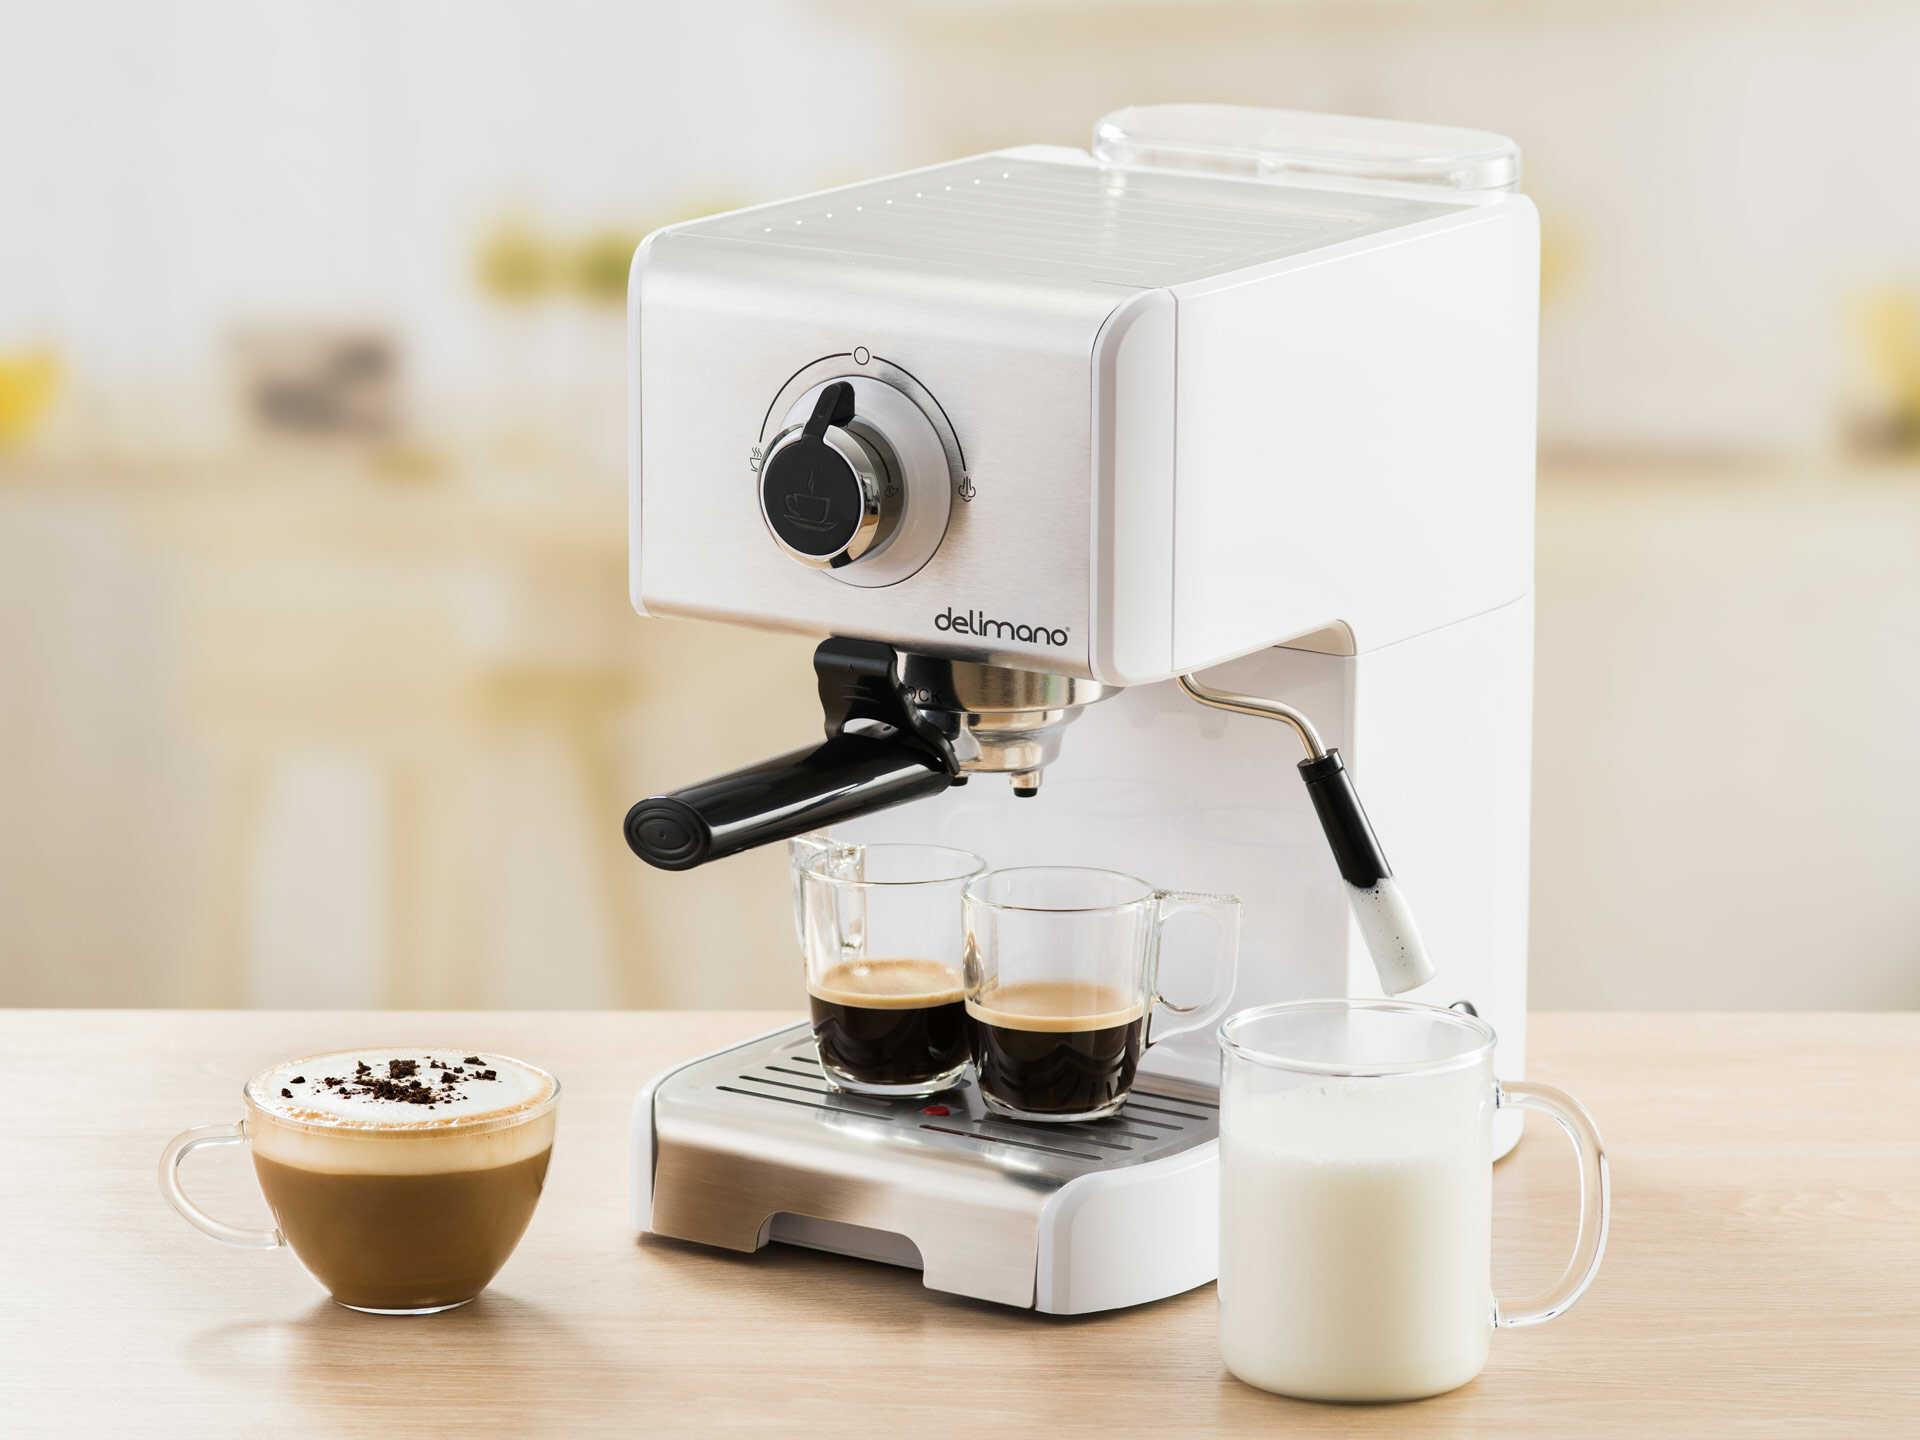 Delimano Ekspres do kawy Espresso Deluxe